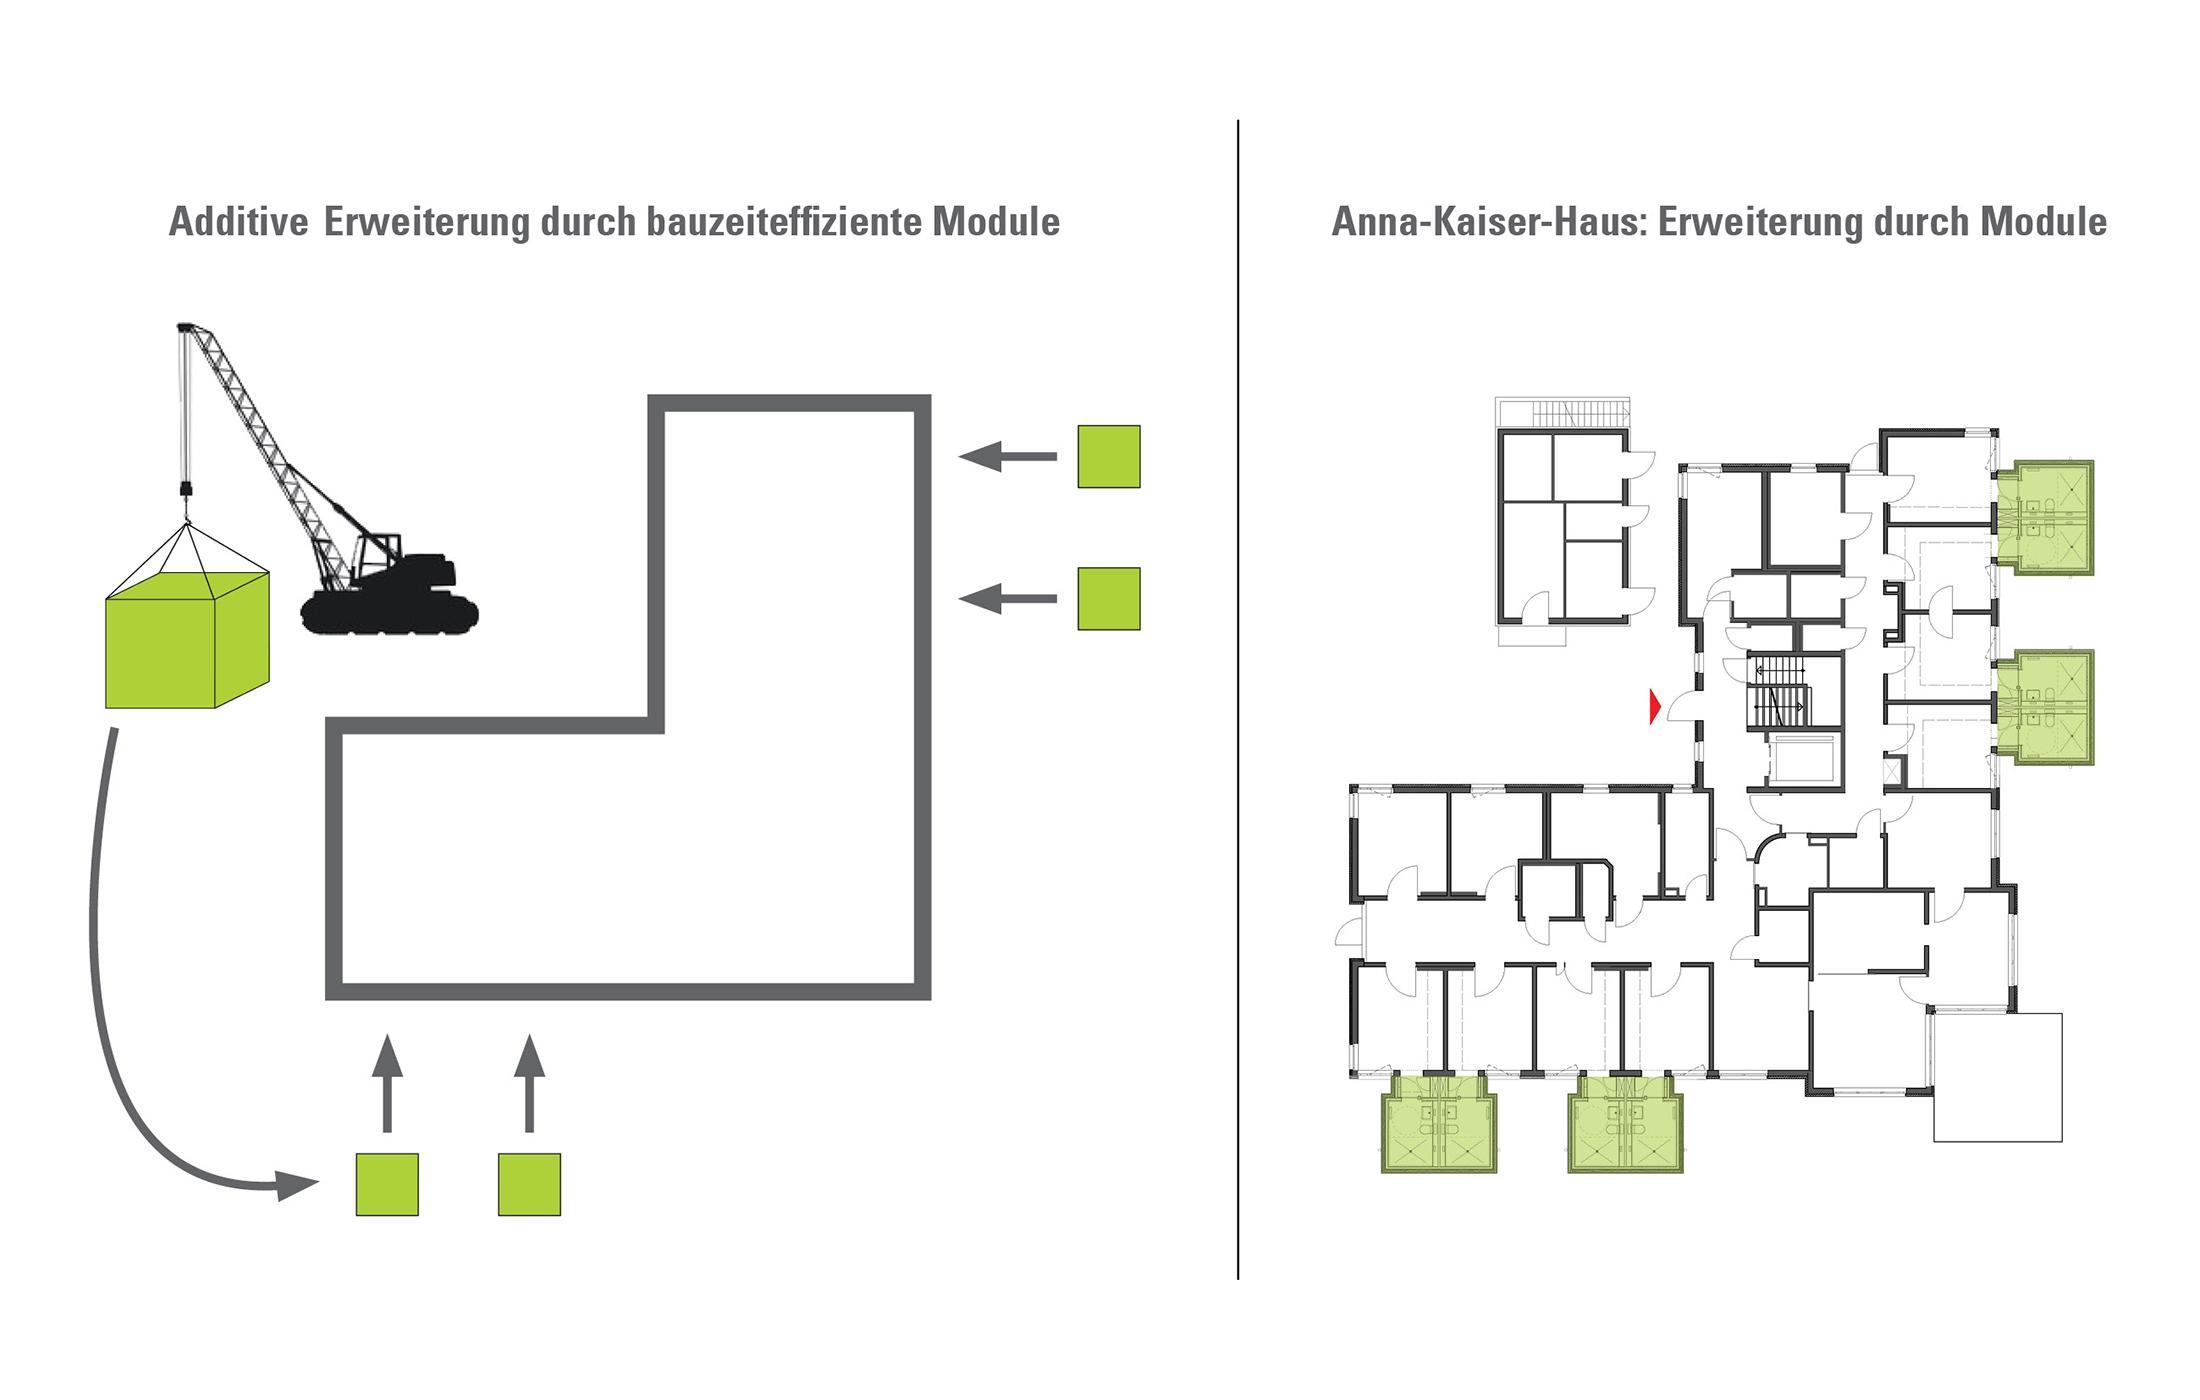 2013, Umbau Anna Kaiser-Haus für die Diakonie Stetten e.V.